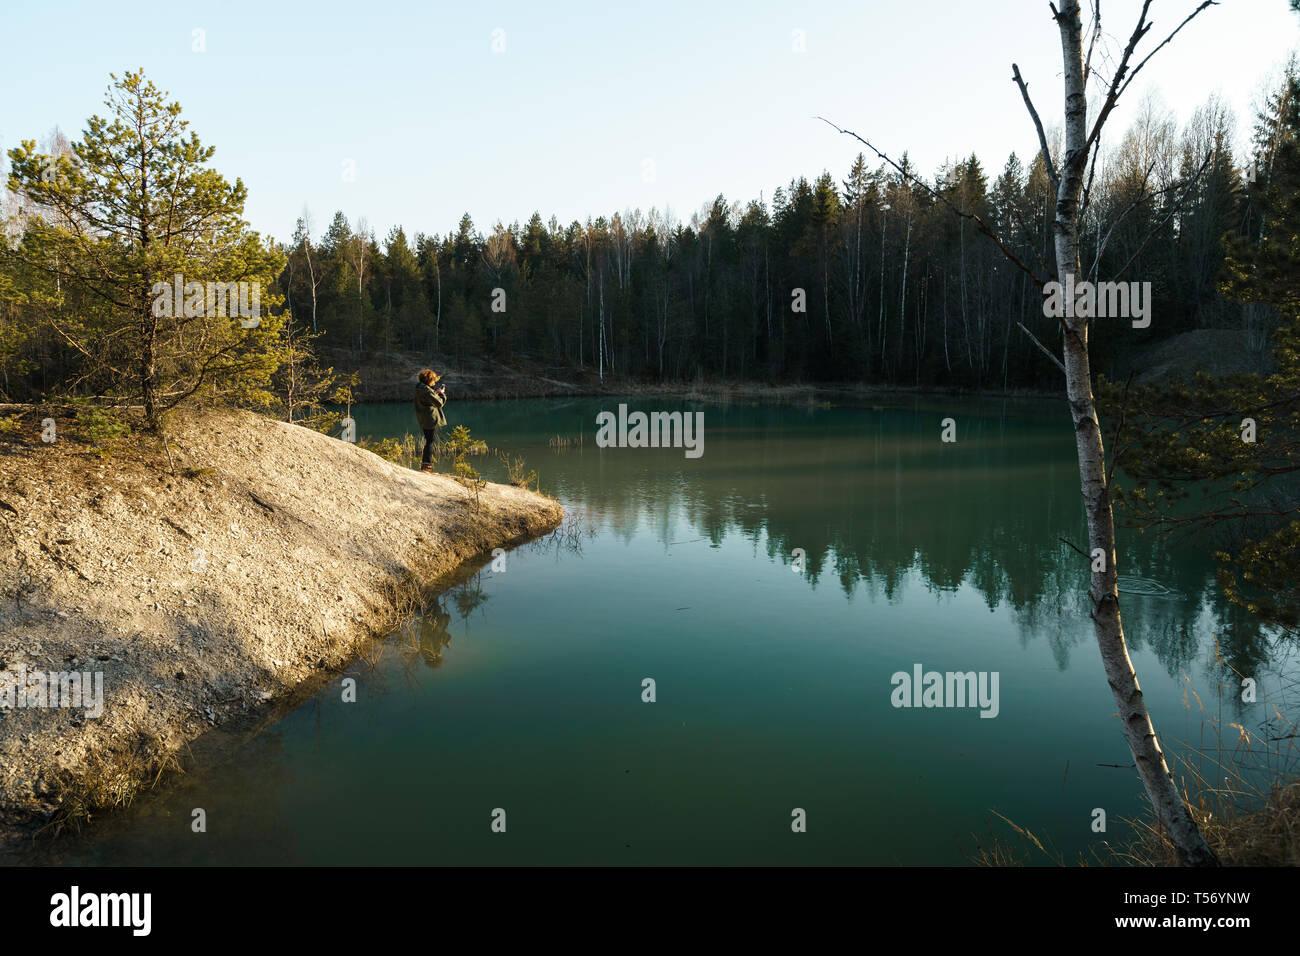 Joven toma fotos de viajes -hermoso lago Turquesa en Letonia - estilo Meditirenian colores en Estados bálticos - Lackroga ezers Foto de stock